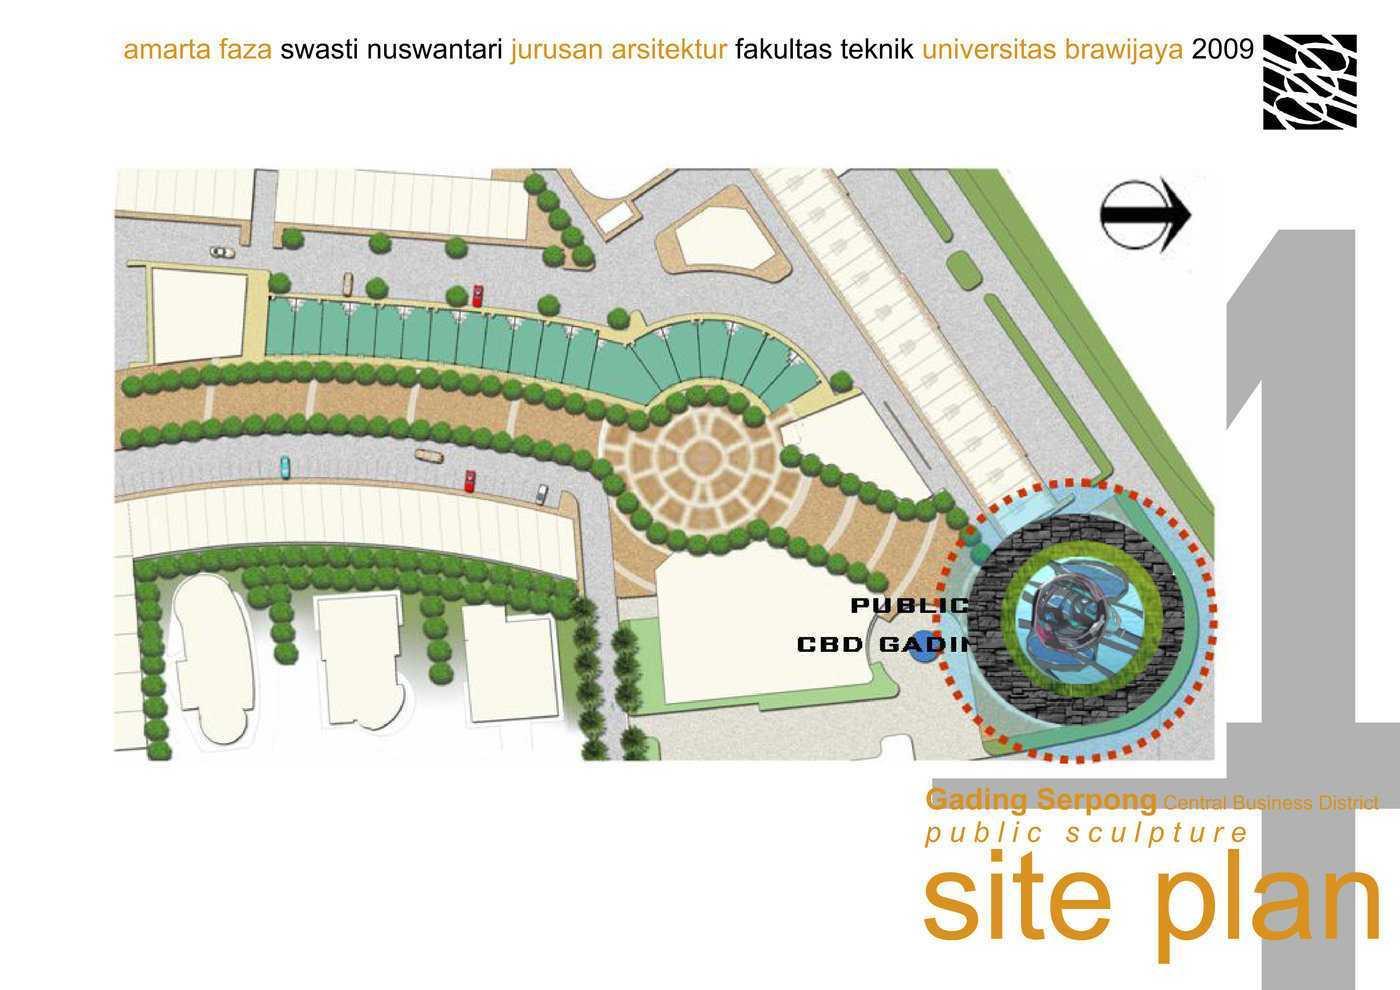 Amarta Faza Design Competition & Concept Indonesia Indonesia Amarta-Faza-Design-Competition-Concept  93687